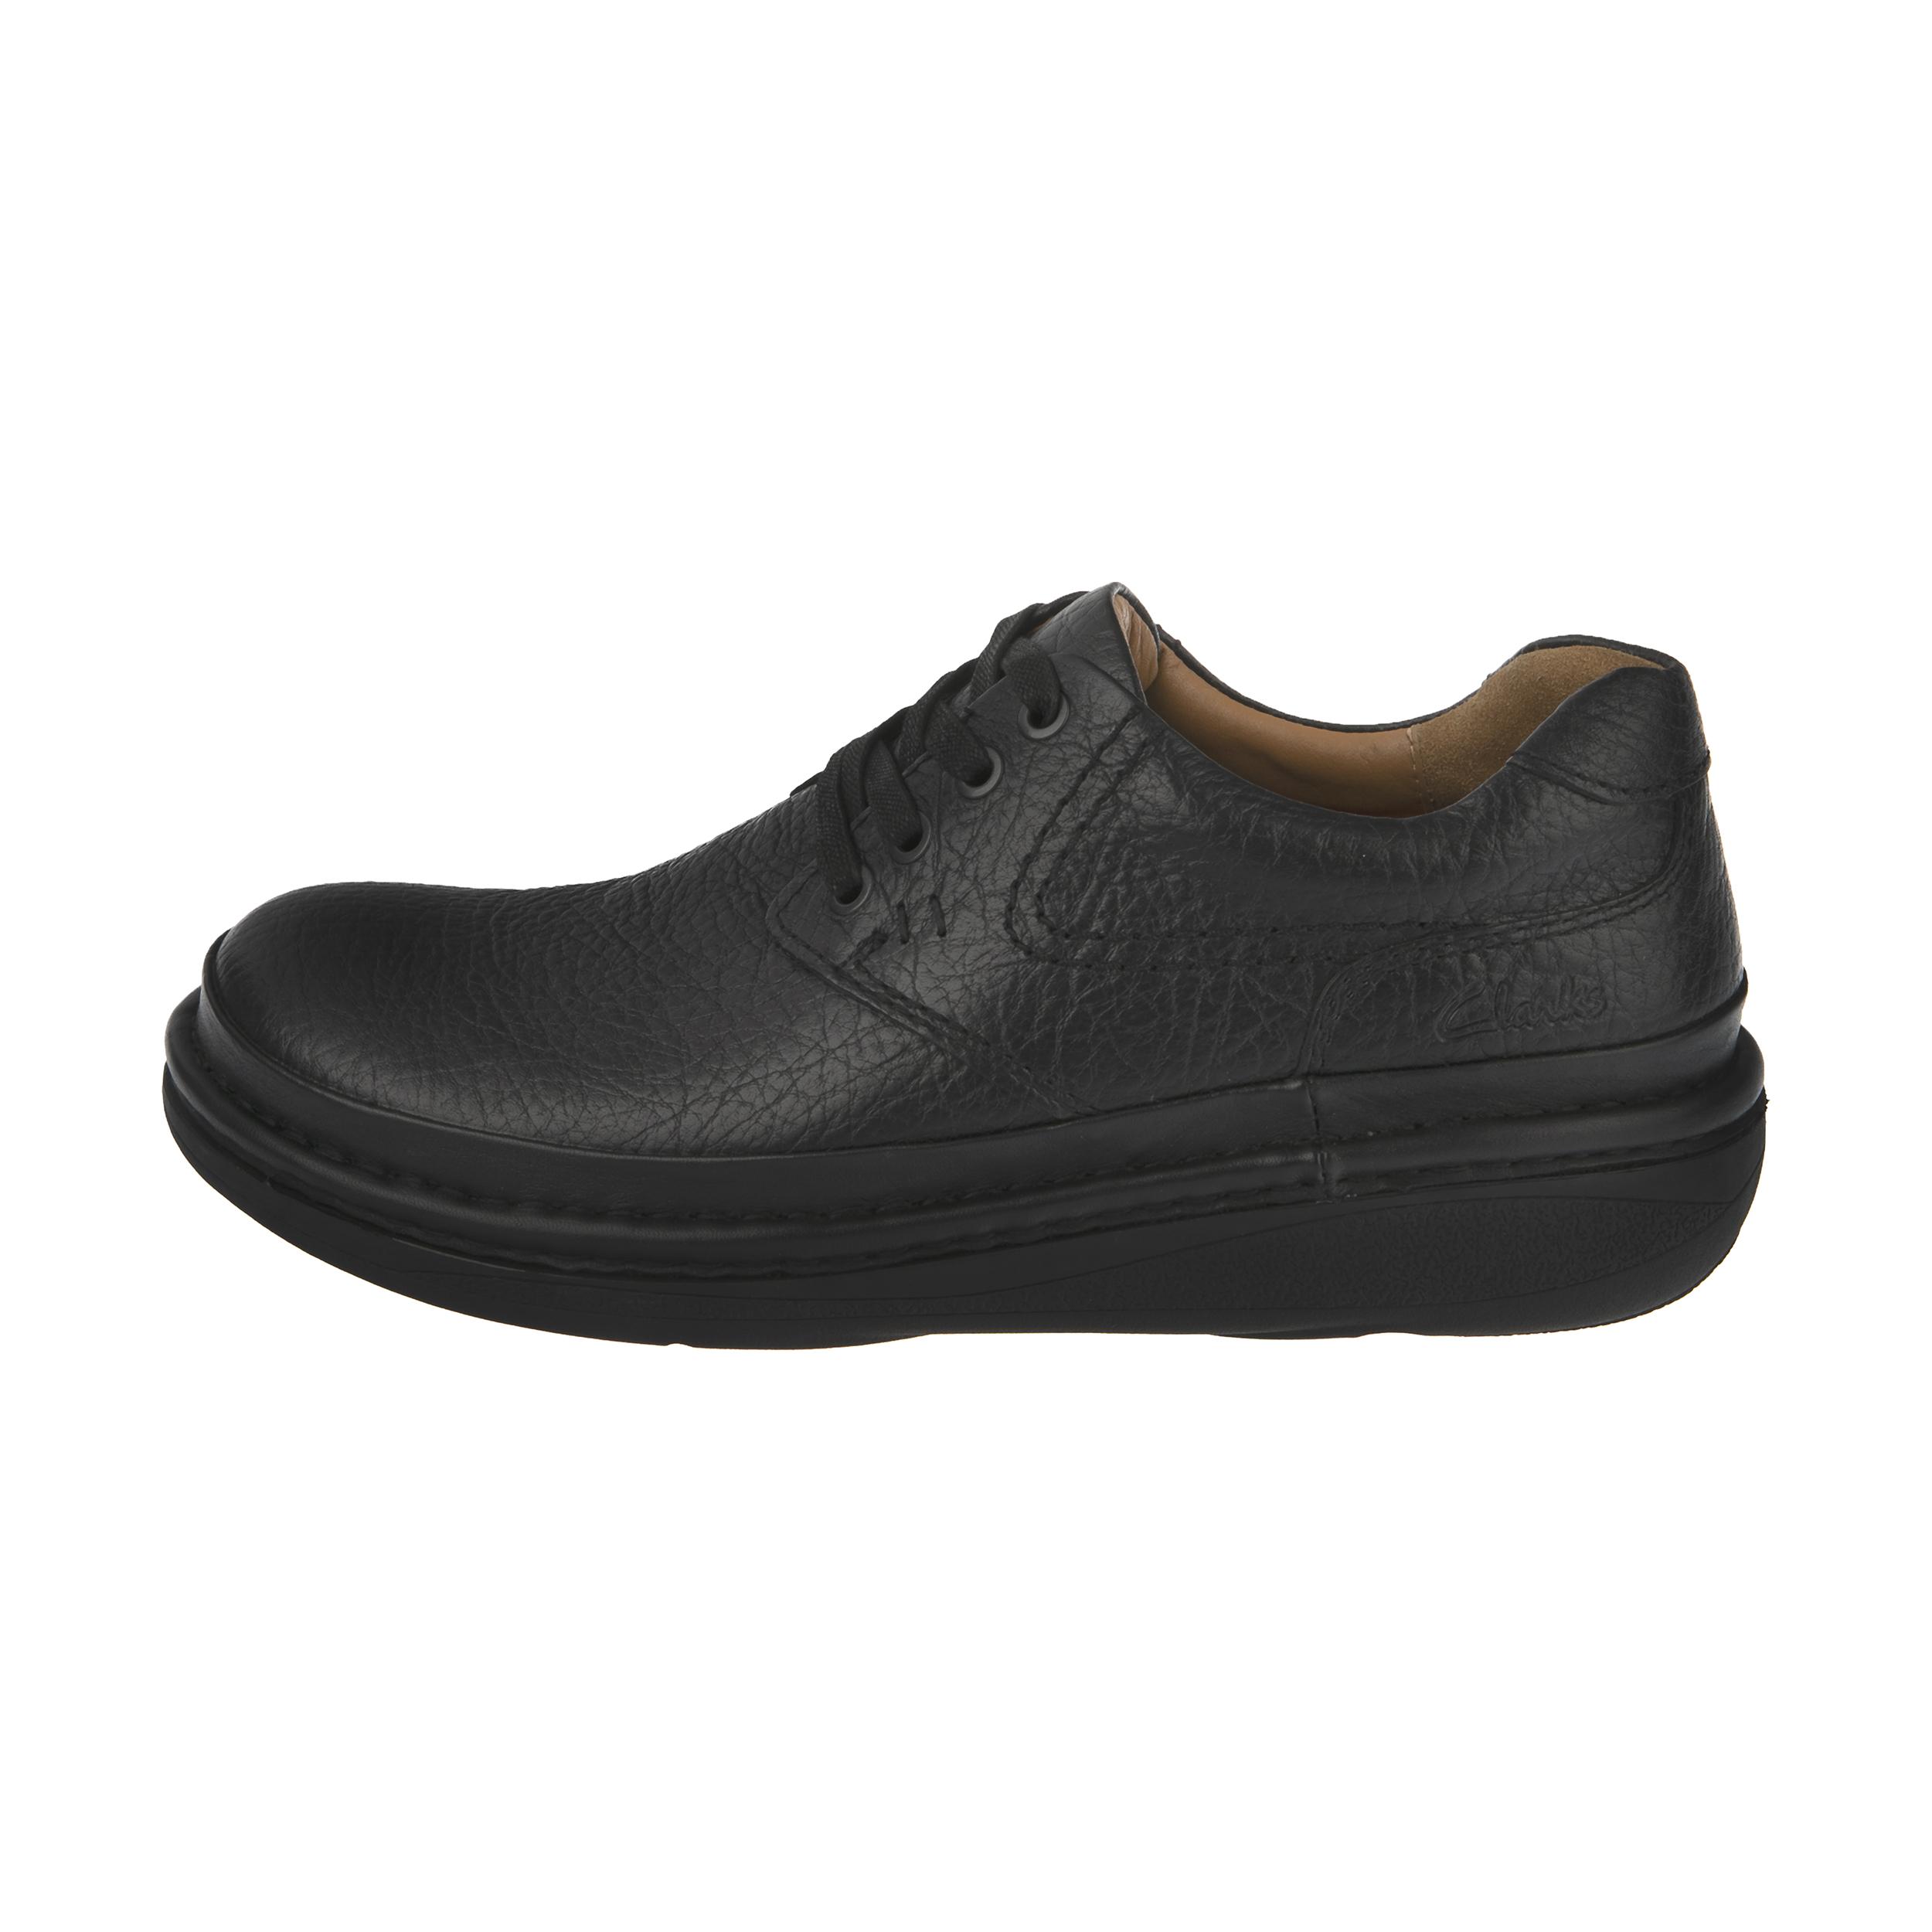 کفش روزمره مردانه کلارک مدل BH023-1